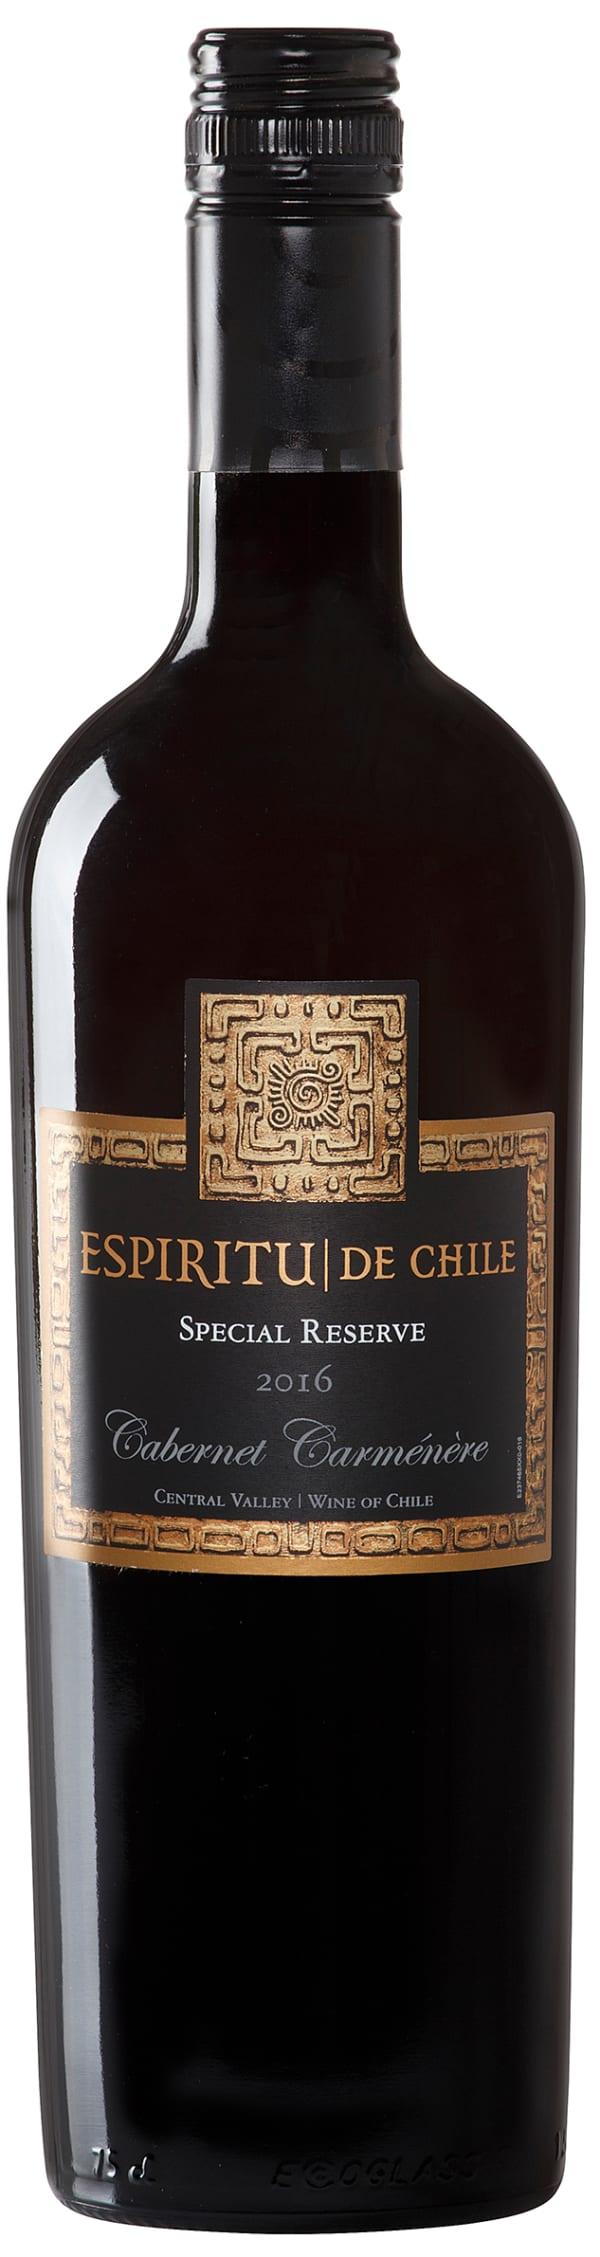 Espiritu de Chile Special Reserve Cabernet Carménère 2017